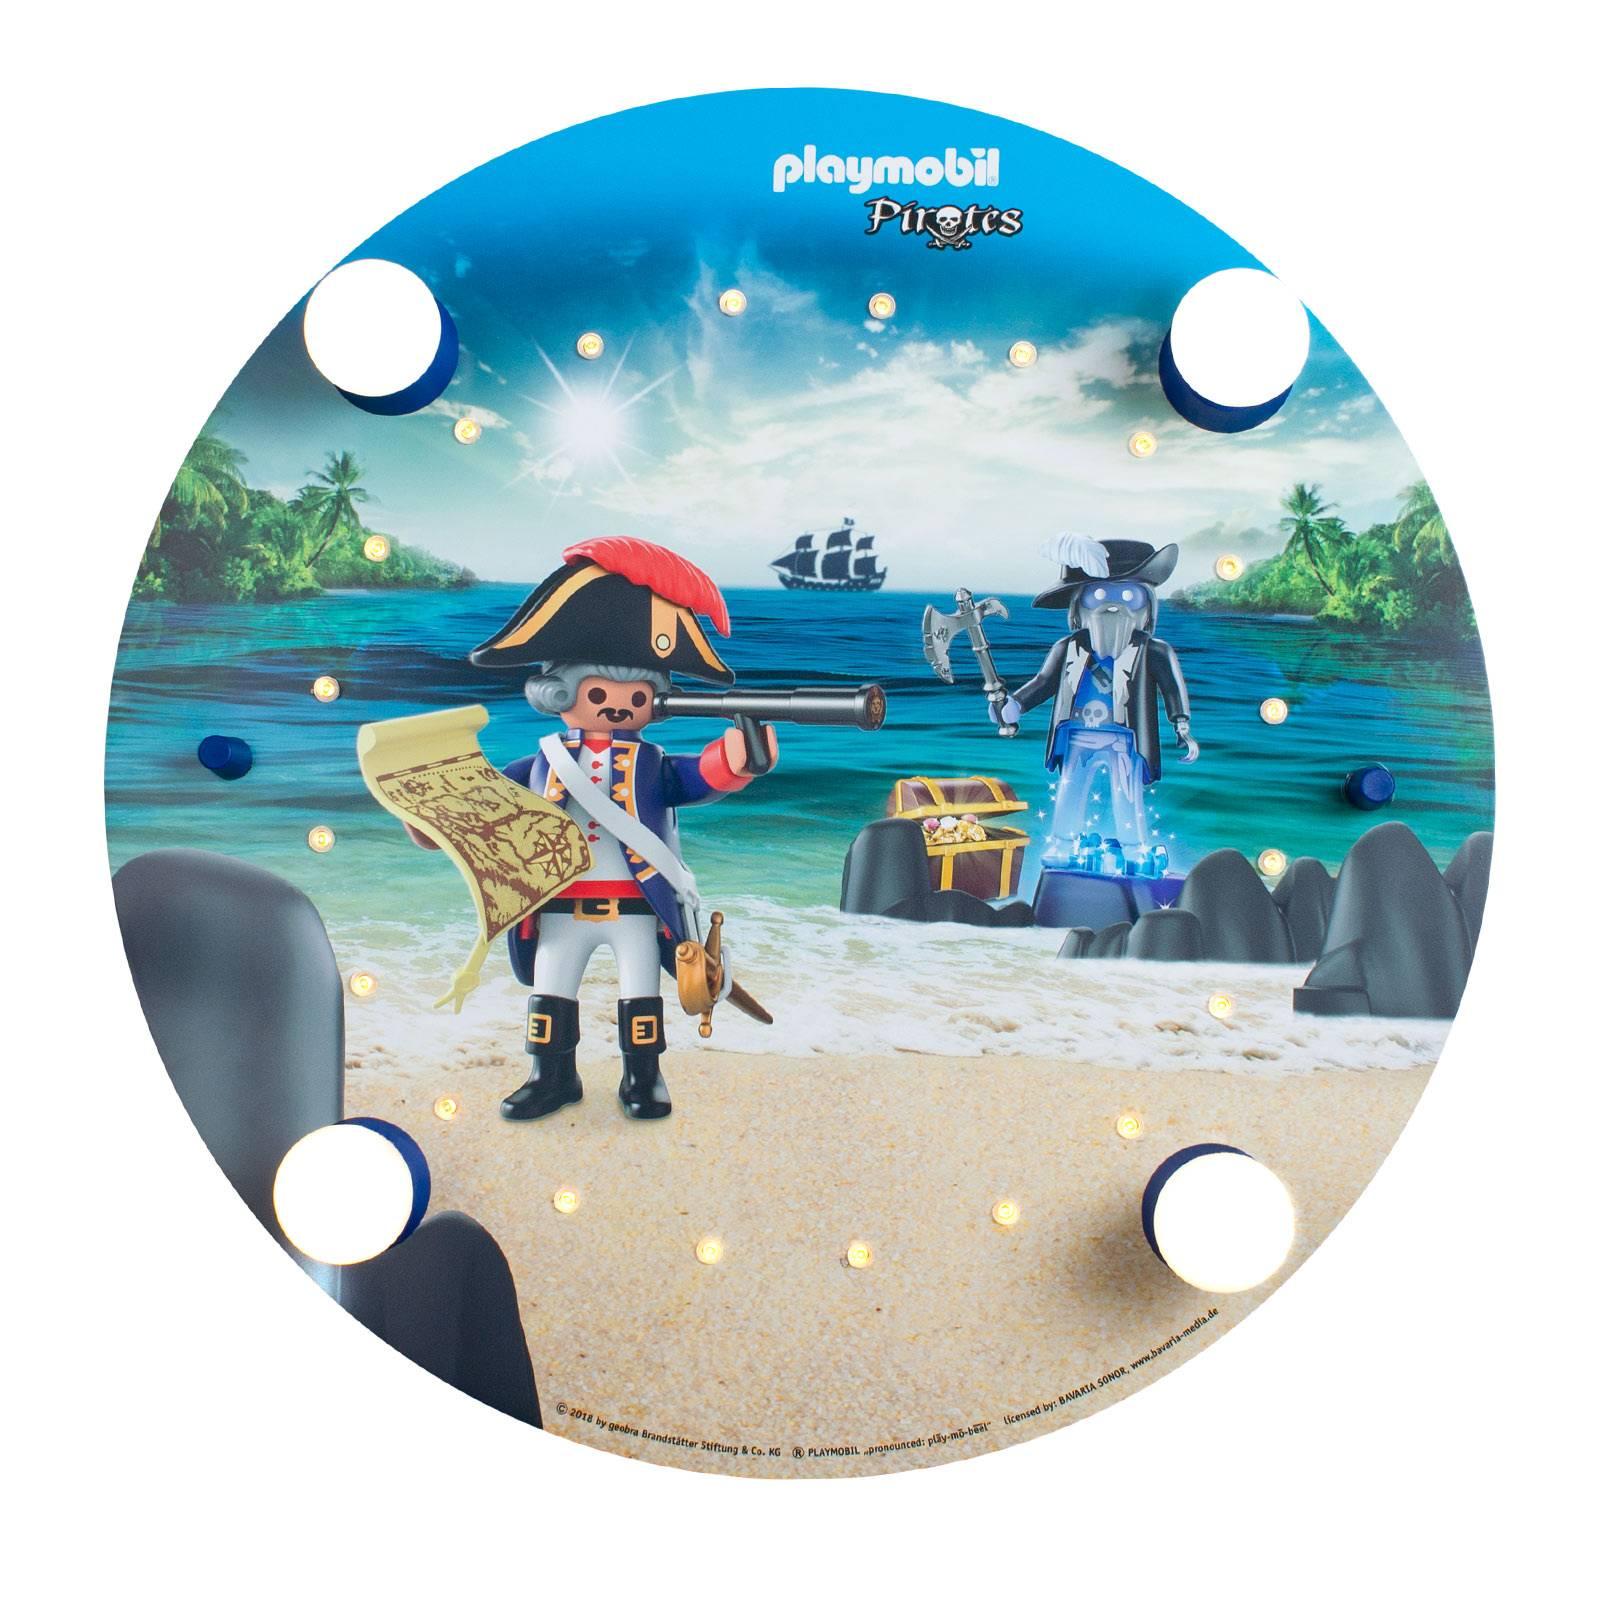 Kattovalaisin PLAYMOBIL Pirates, pyöreä